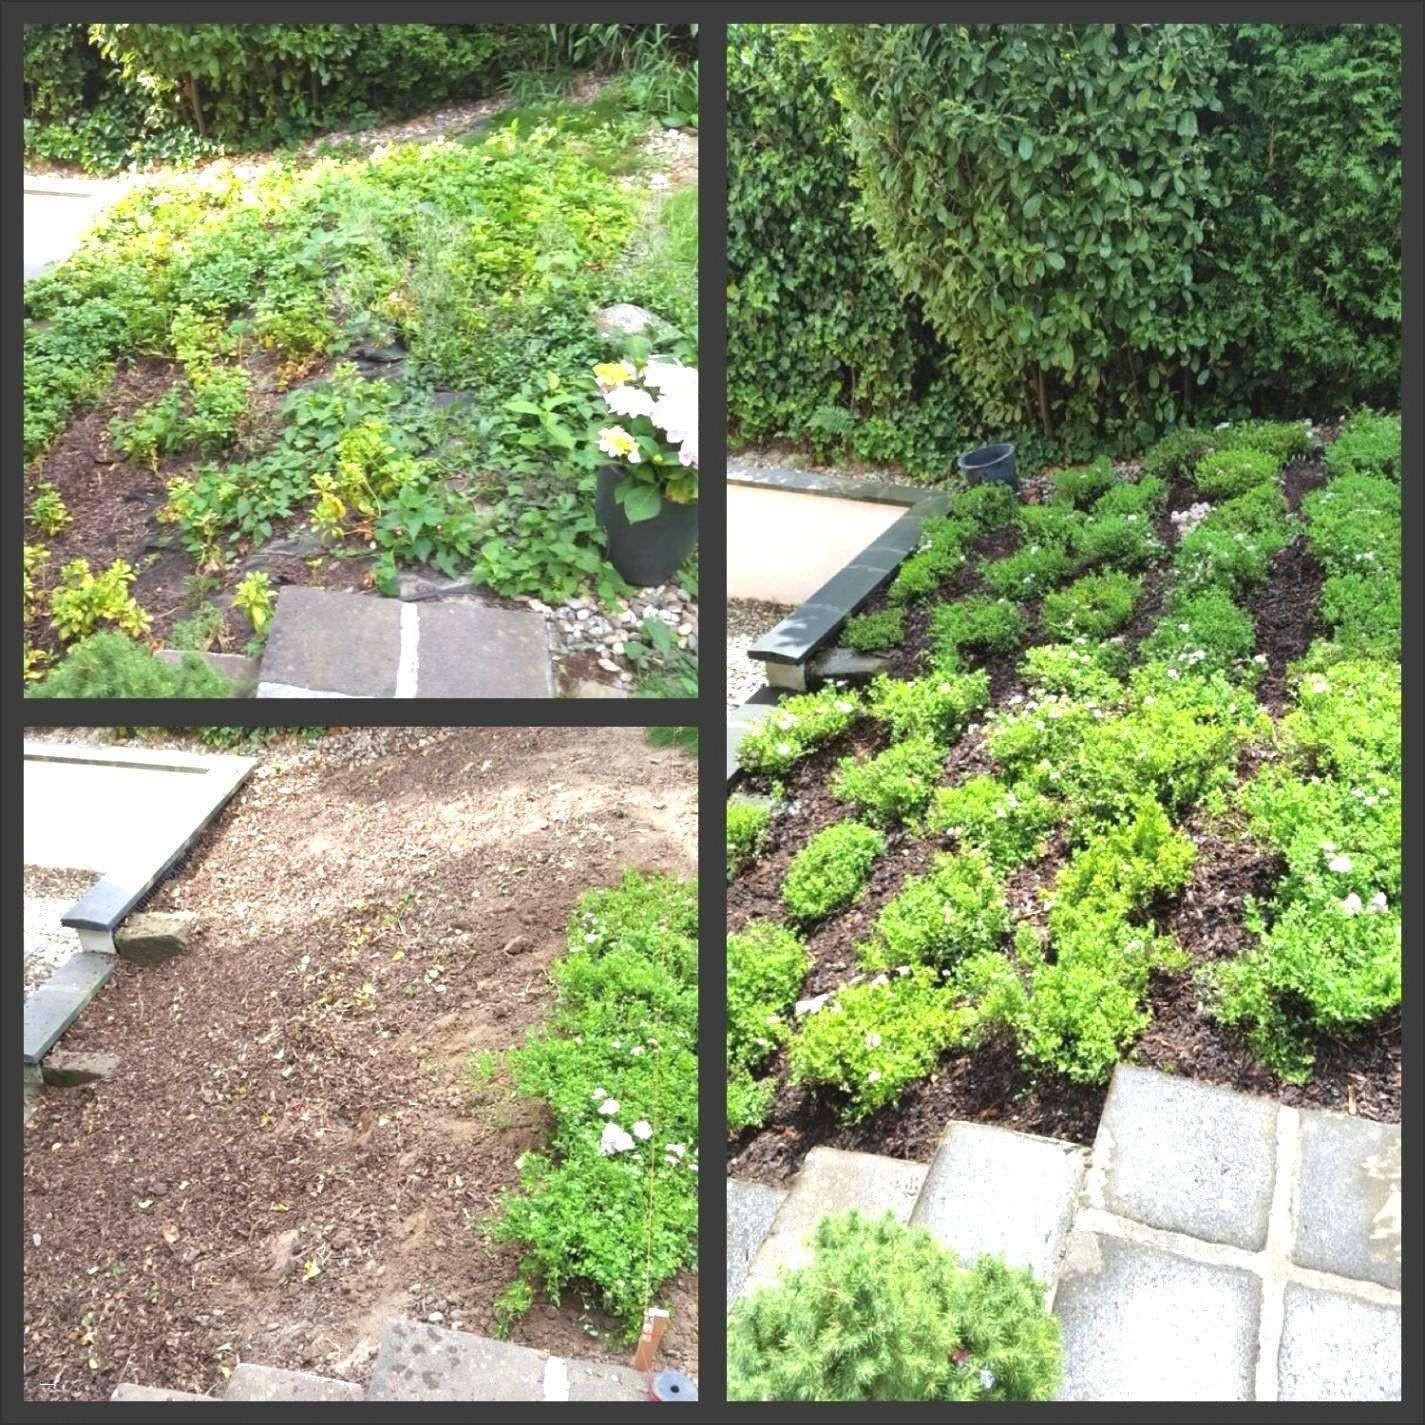 Deko Ideen Selber Machen Garten Frisch 62 Genial Blumen Ideen Garten